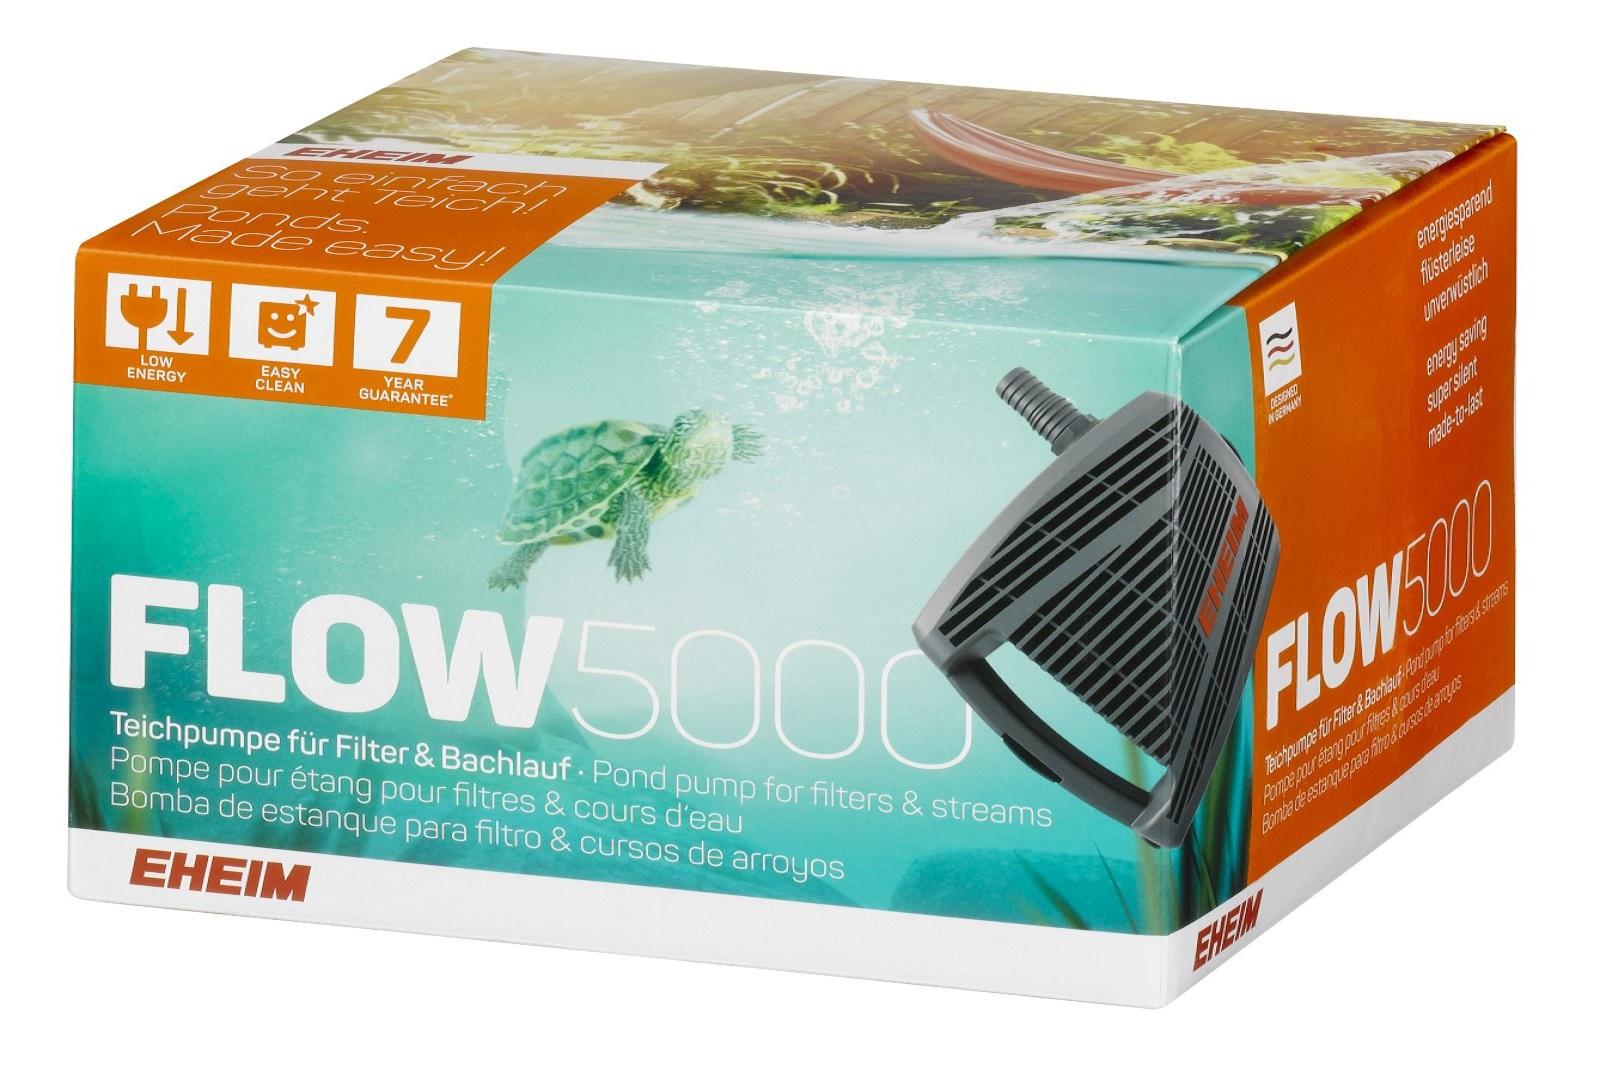 Eheim Flow5000 Teichpumpe für Filter & Bachlauf